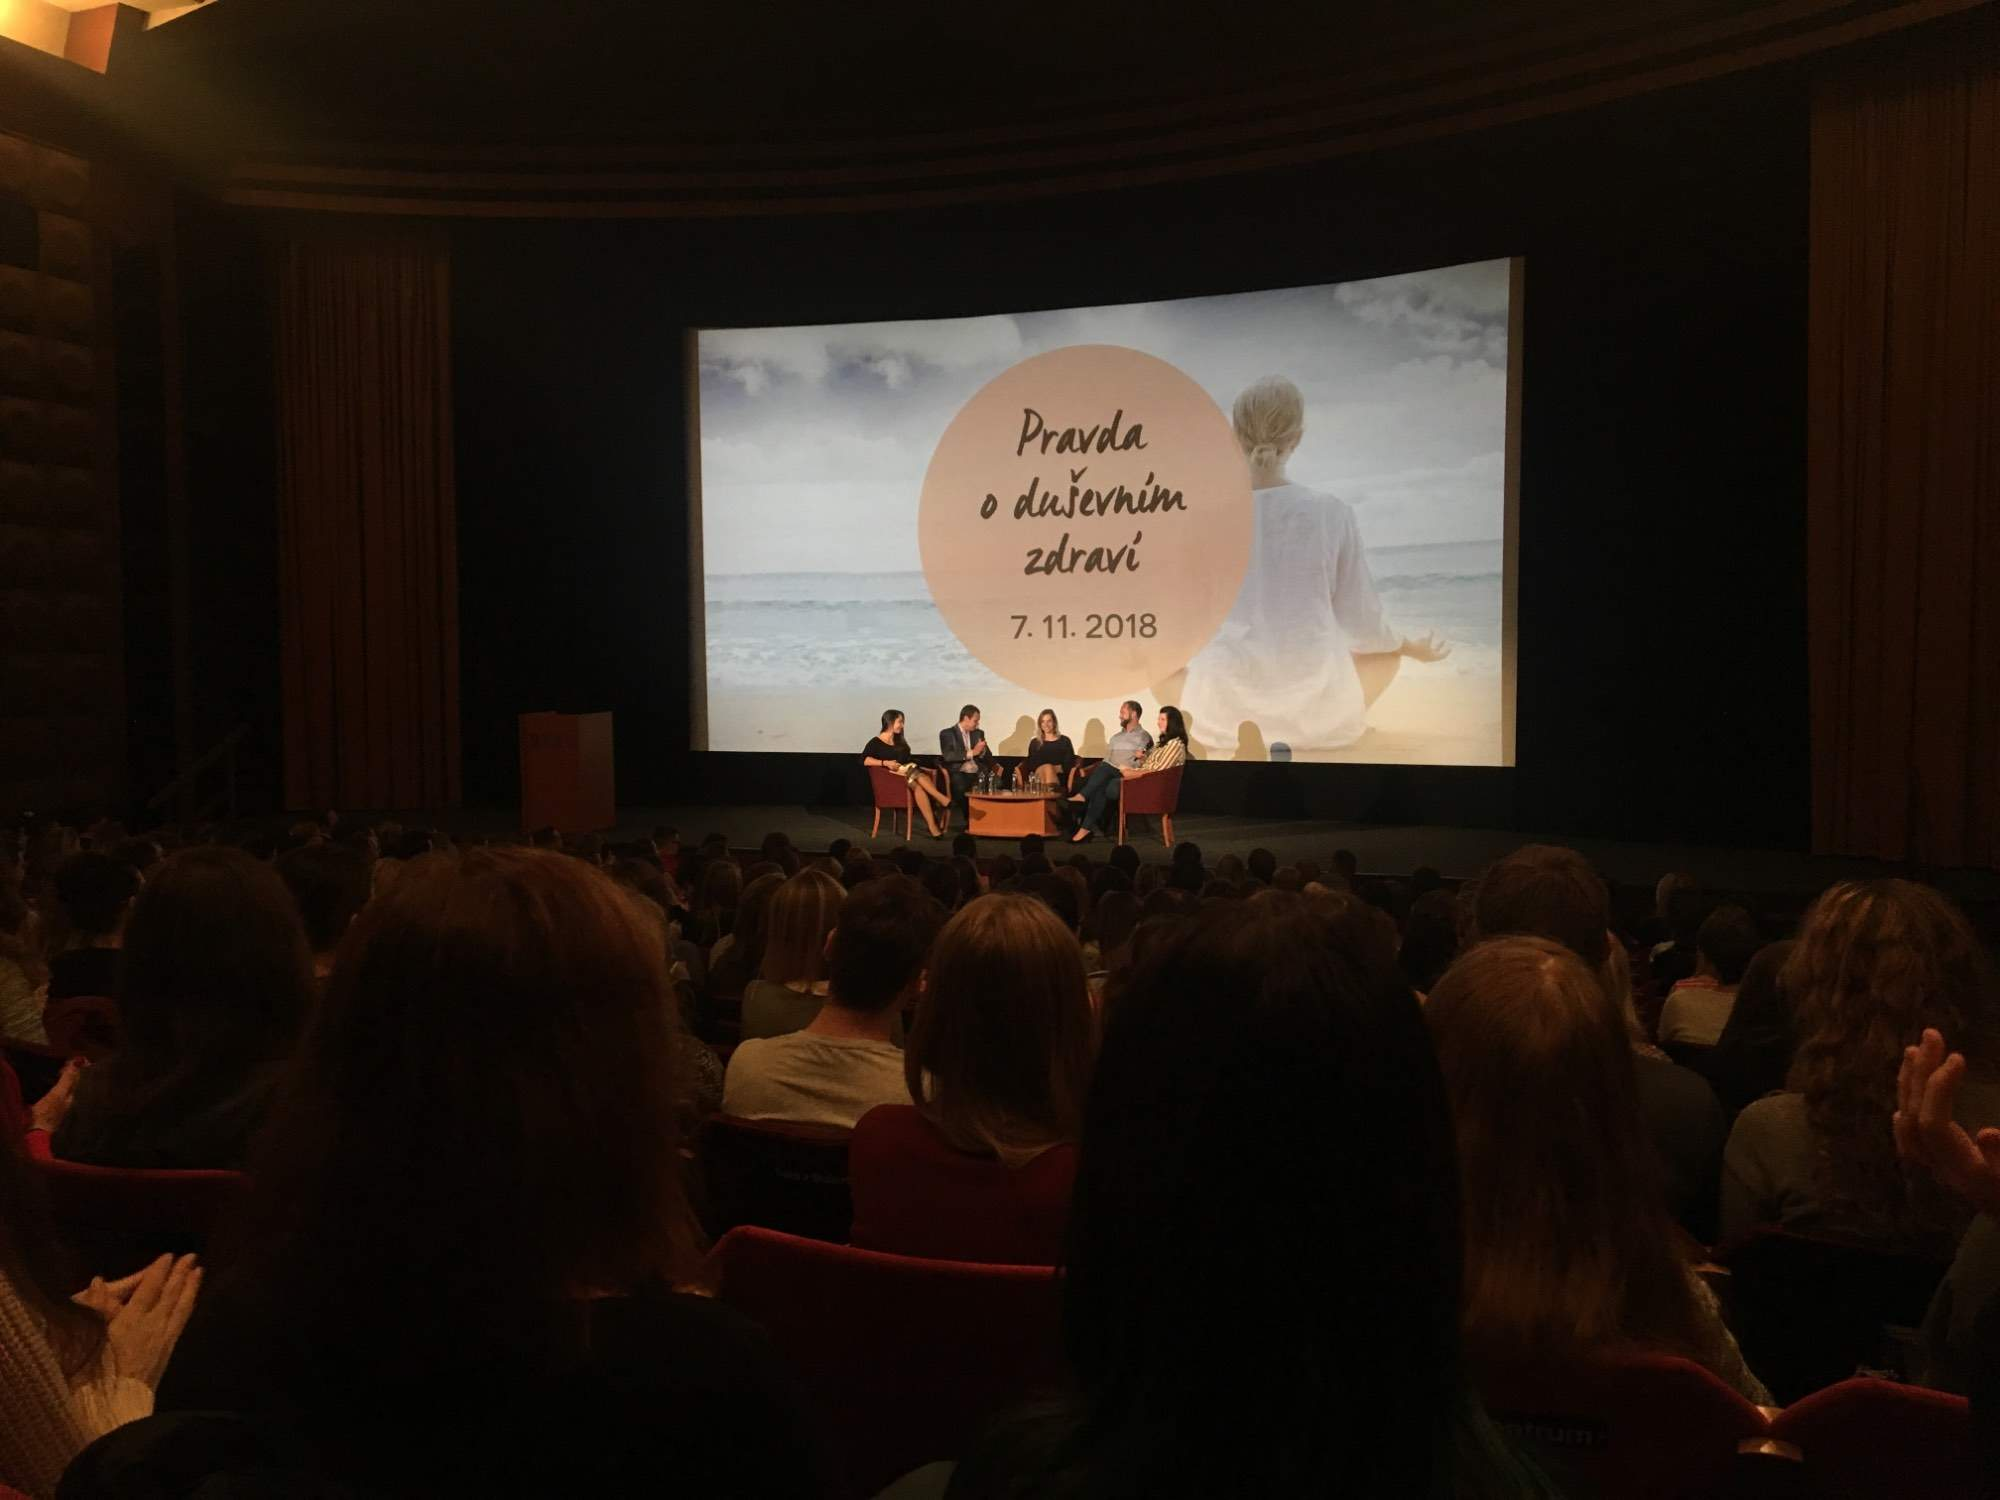 Na prednáške Pravda o duševním zdraví diskutovali odborníci z oblasti psychológie a psychiatrie o rizikách dnešnej doby. Foto: Kristína Marcinková